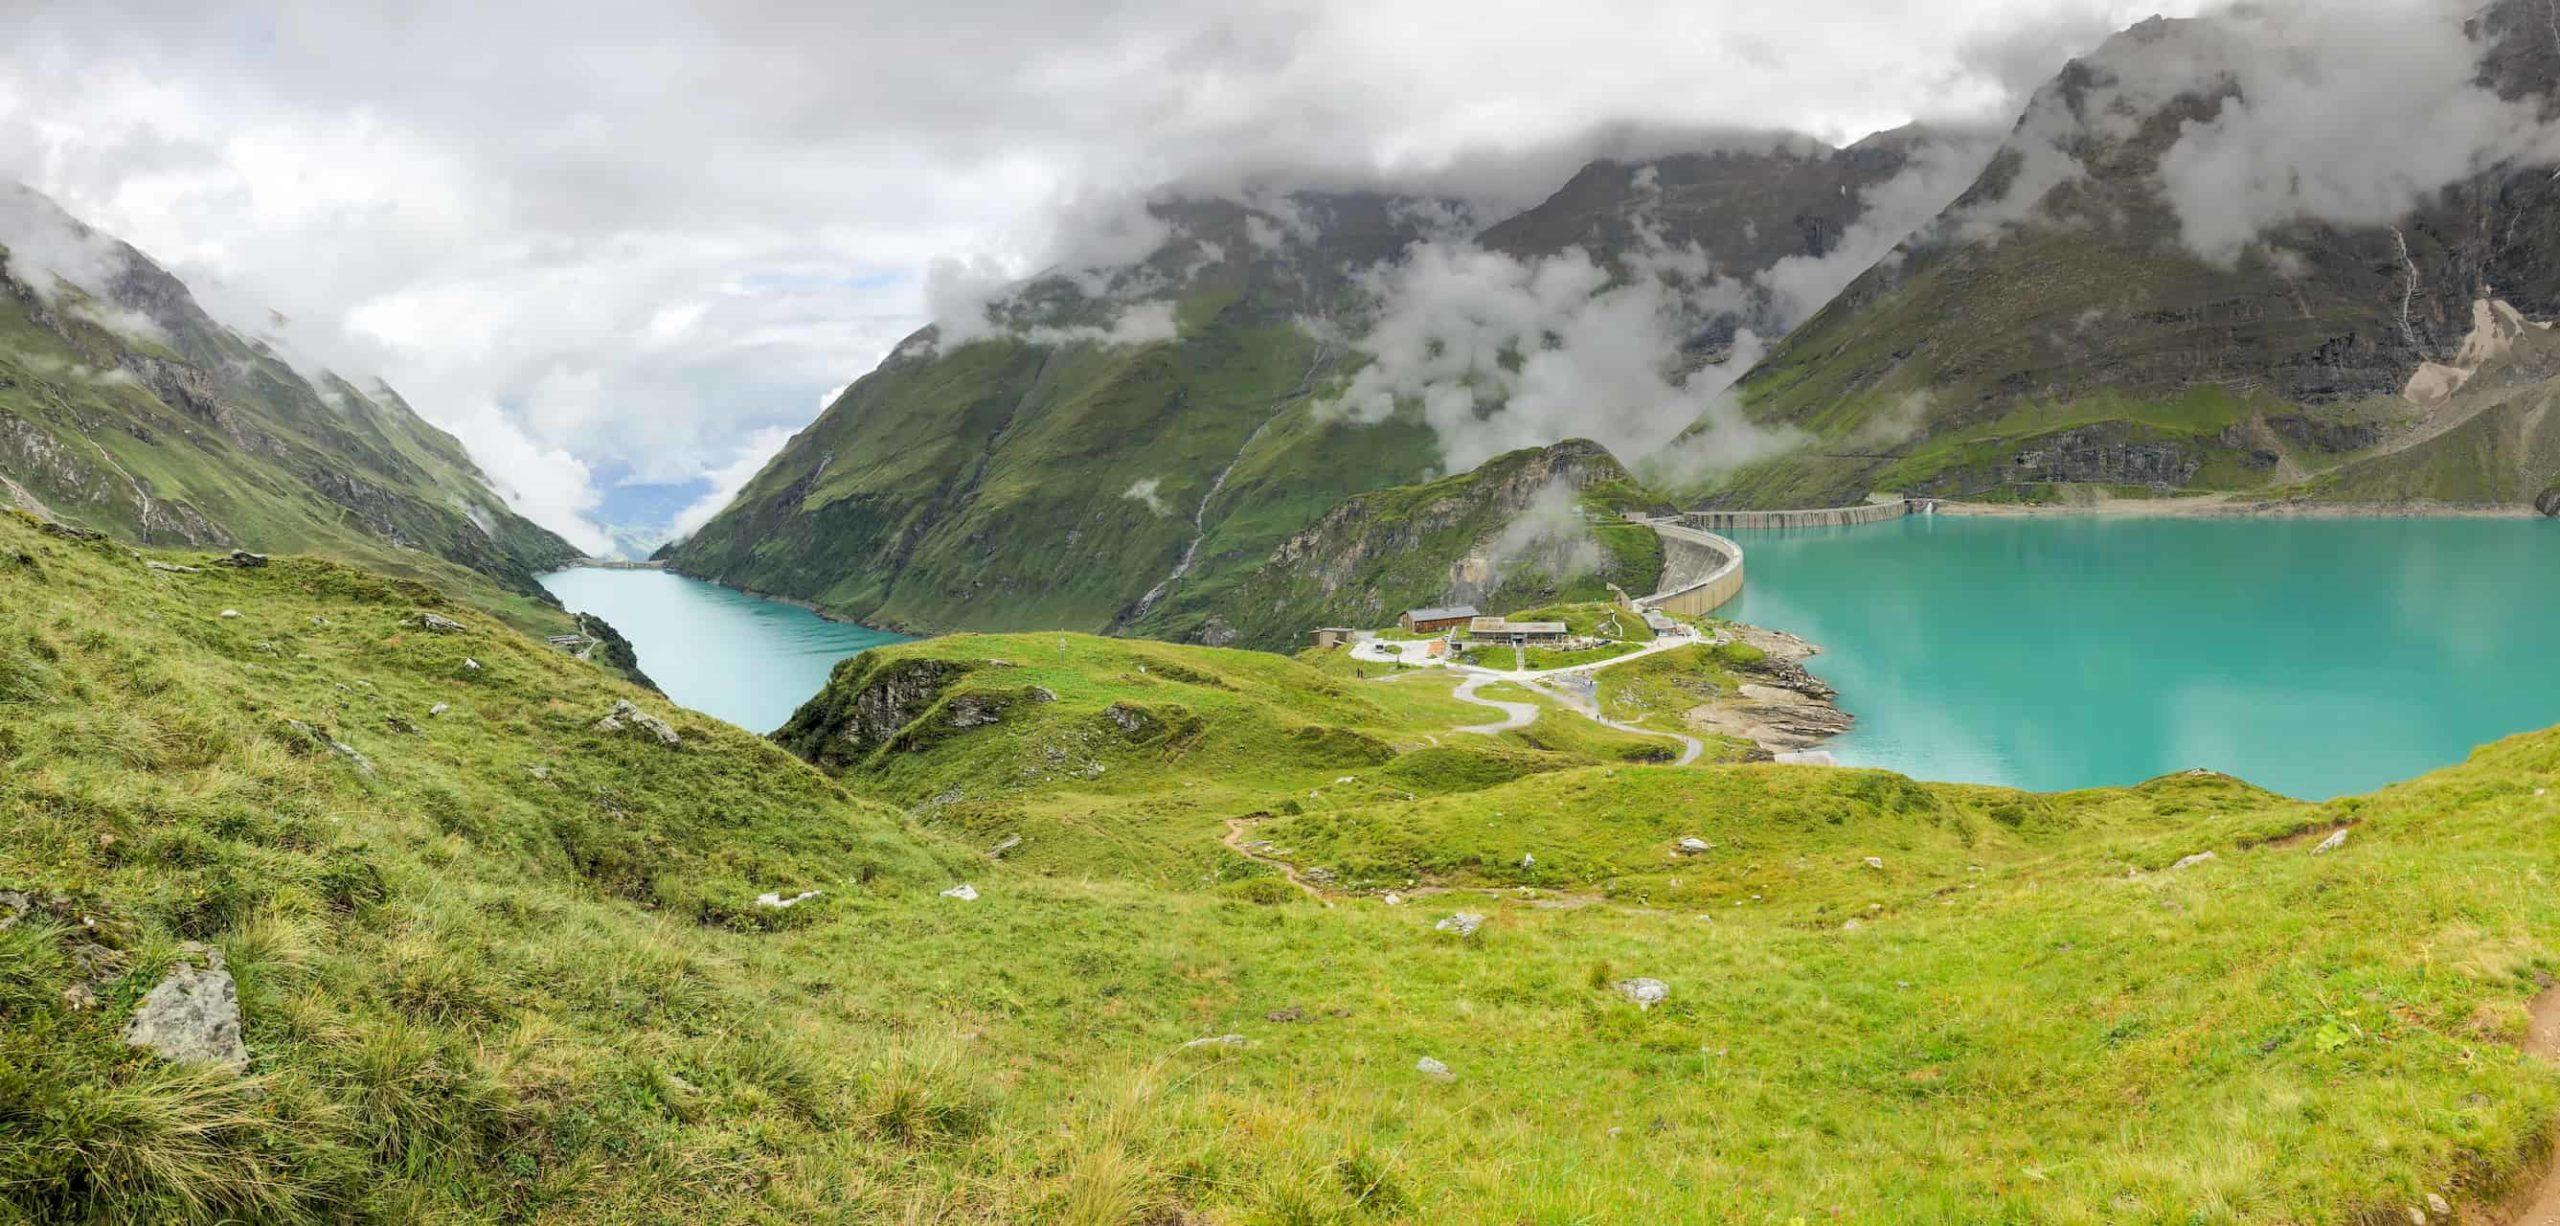 Hüttenurlaub im Sommer: Stausee Mooserboden Berge Kaprun